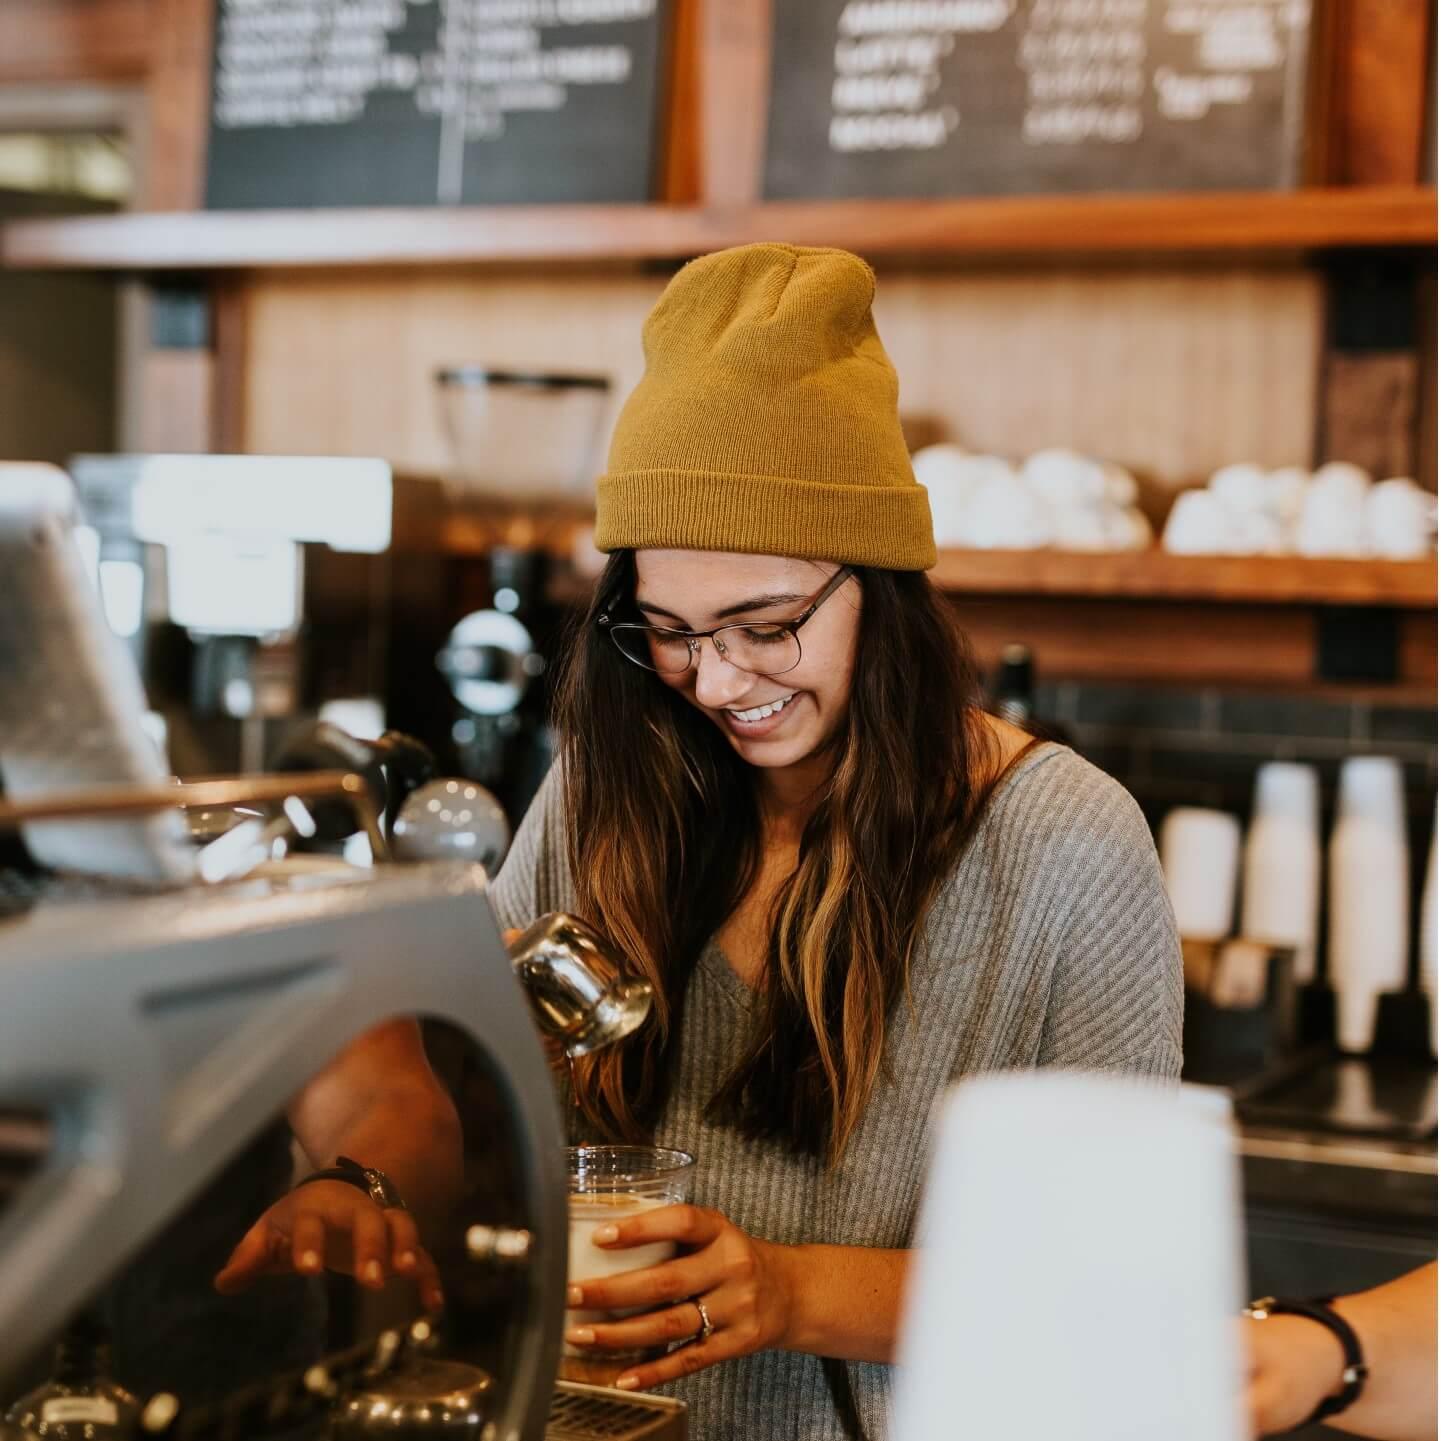 Teknikstrul hos caféer, butiker & restauranger